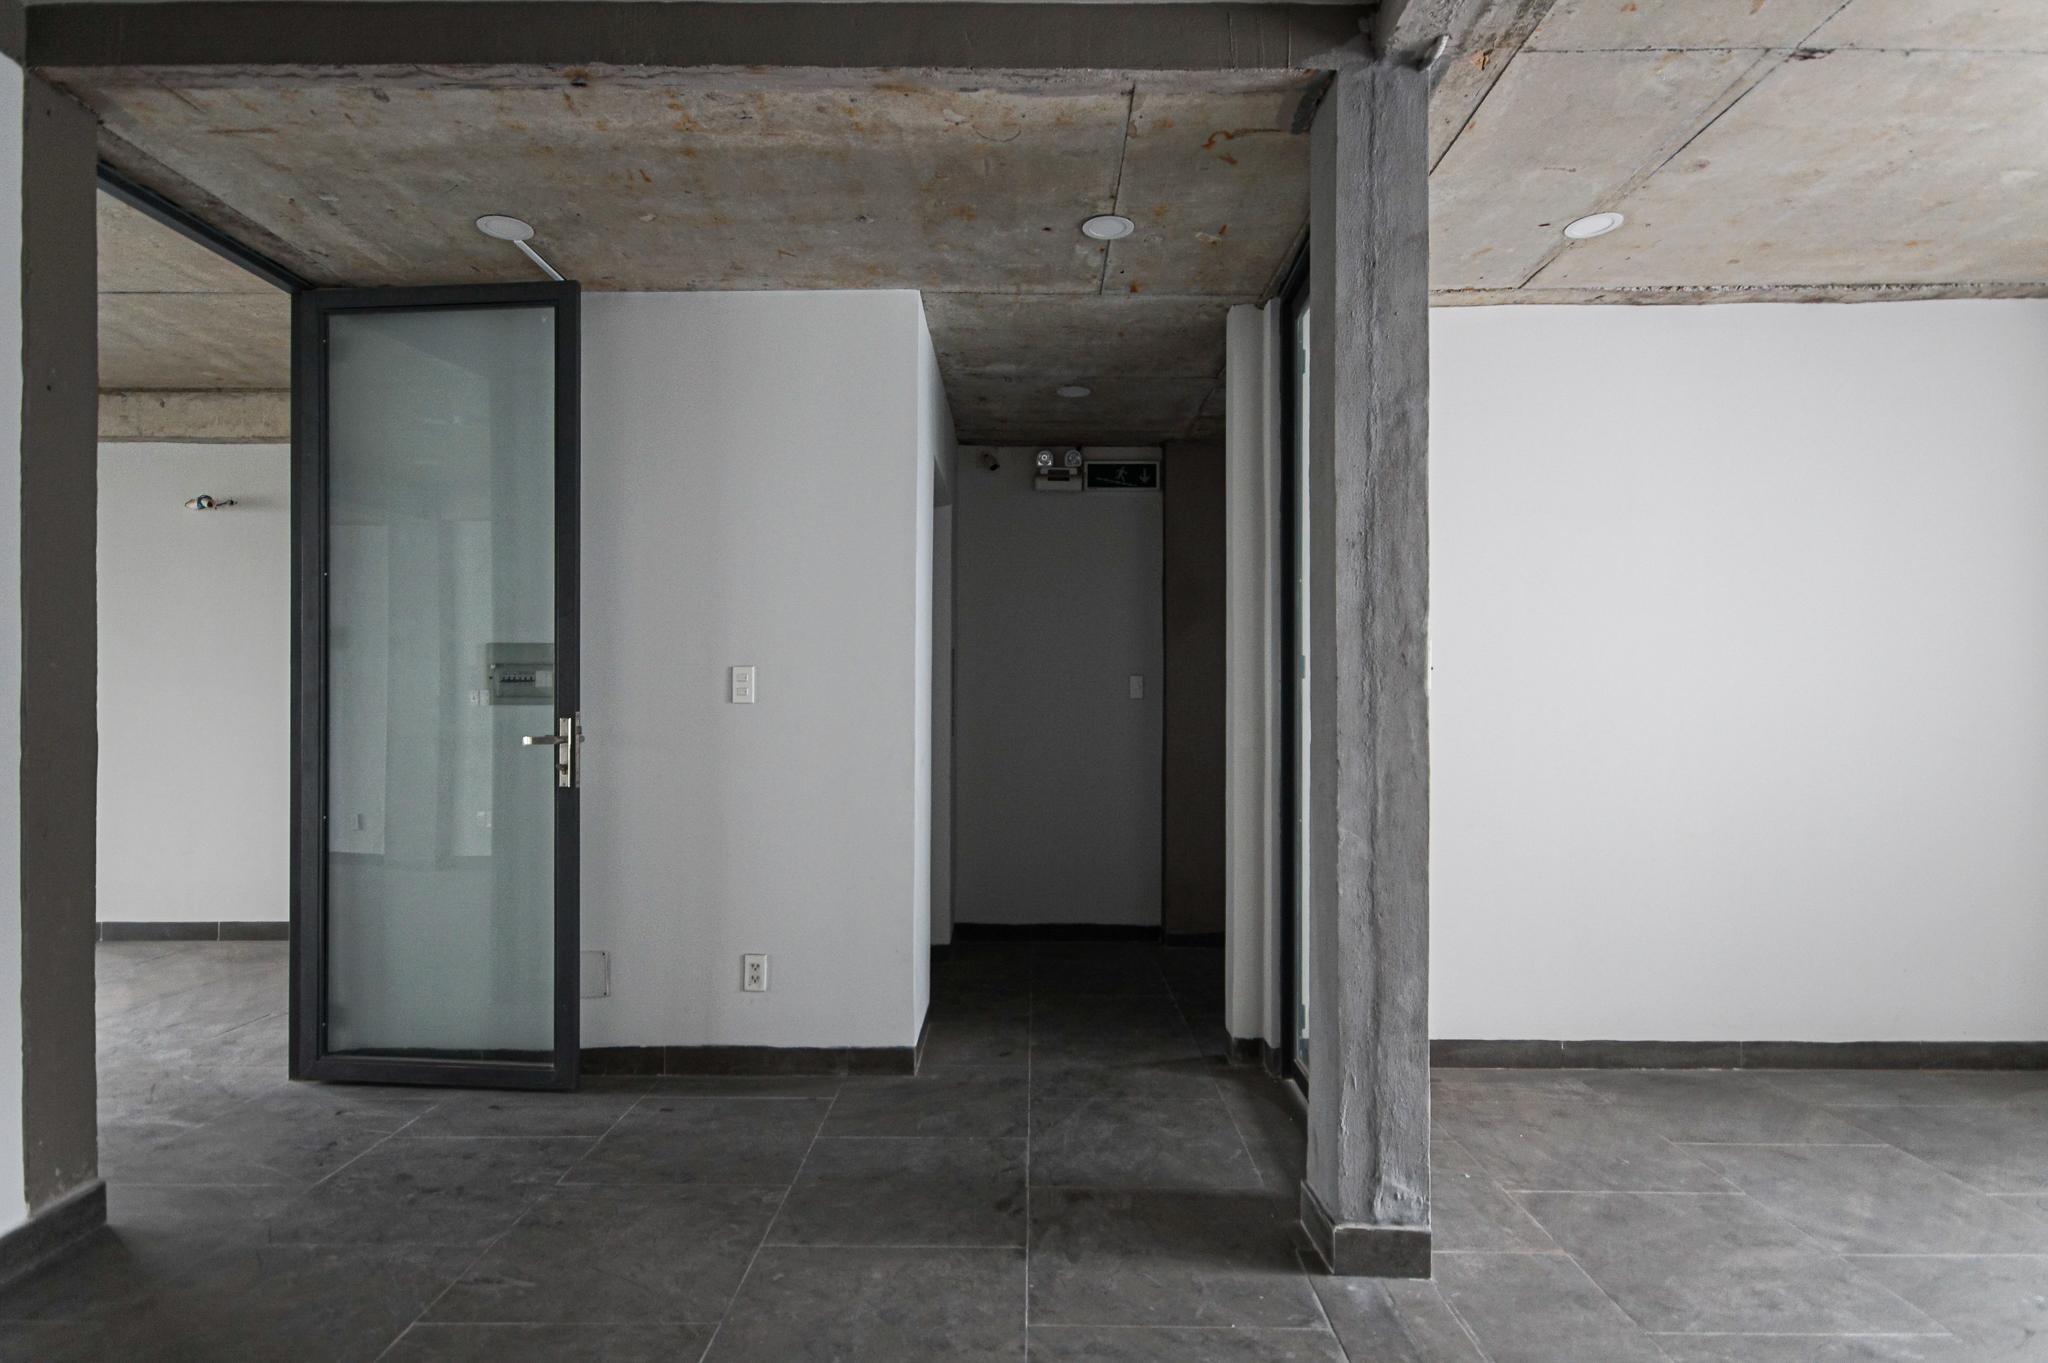 Cho Thuê Văn Phòng Le Van Luong Office Building - Đầy Đủ Nội Thất & Tươi Sáng-1